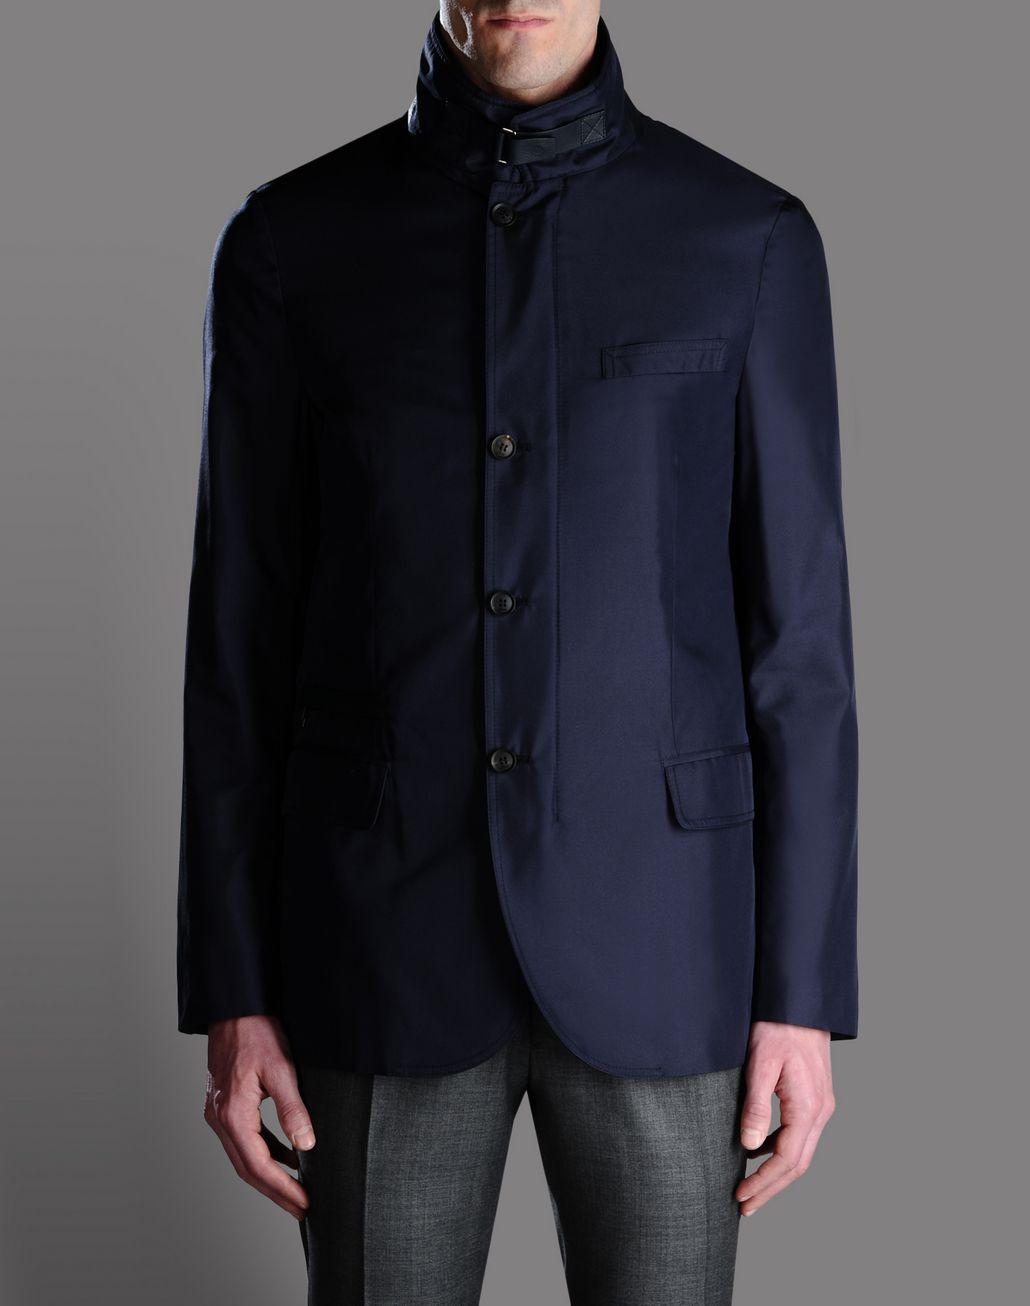 BRIONI STORM JACKET Outerwear U f